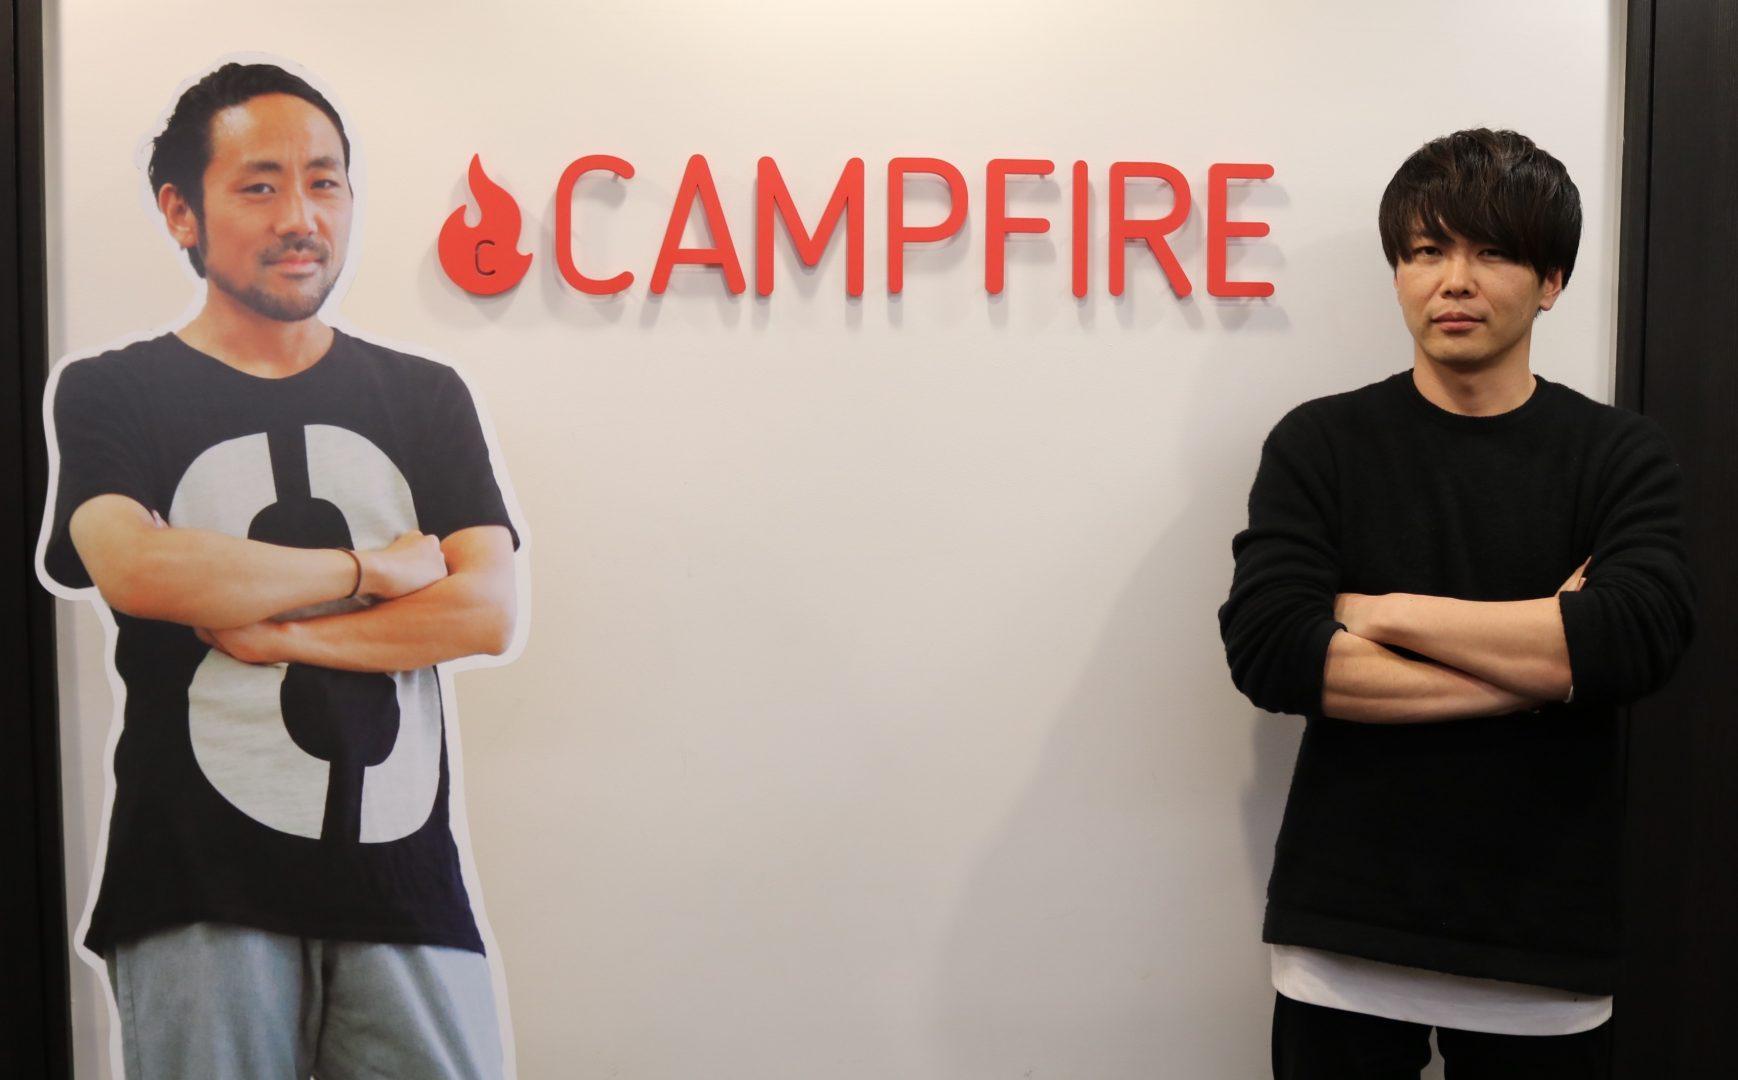 【卓球部誕生物語#1】家入一真氏が率いるCAMPFIREに「卓球部」が爆誕 部長に直撃インタビュー